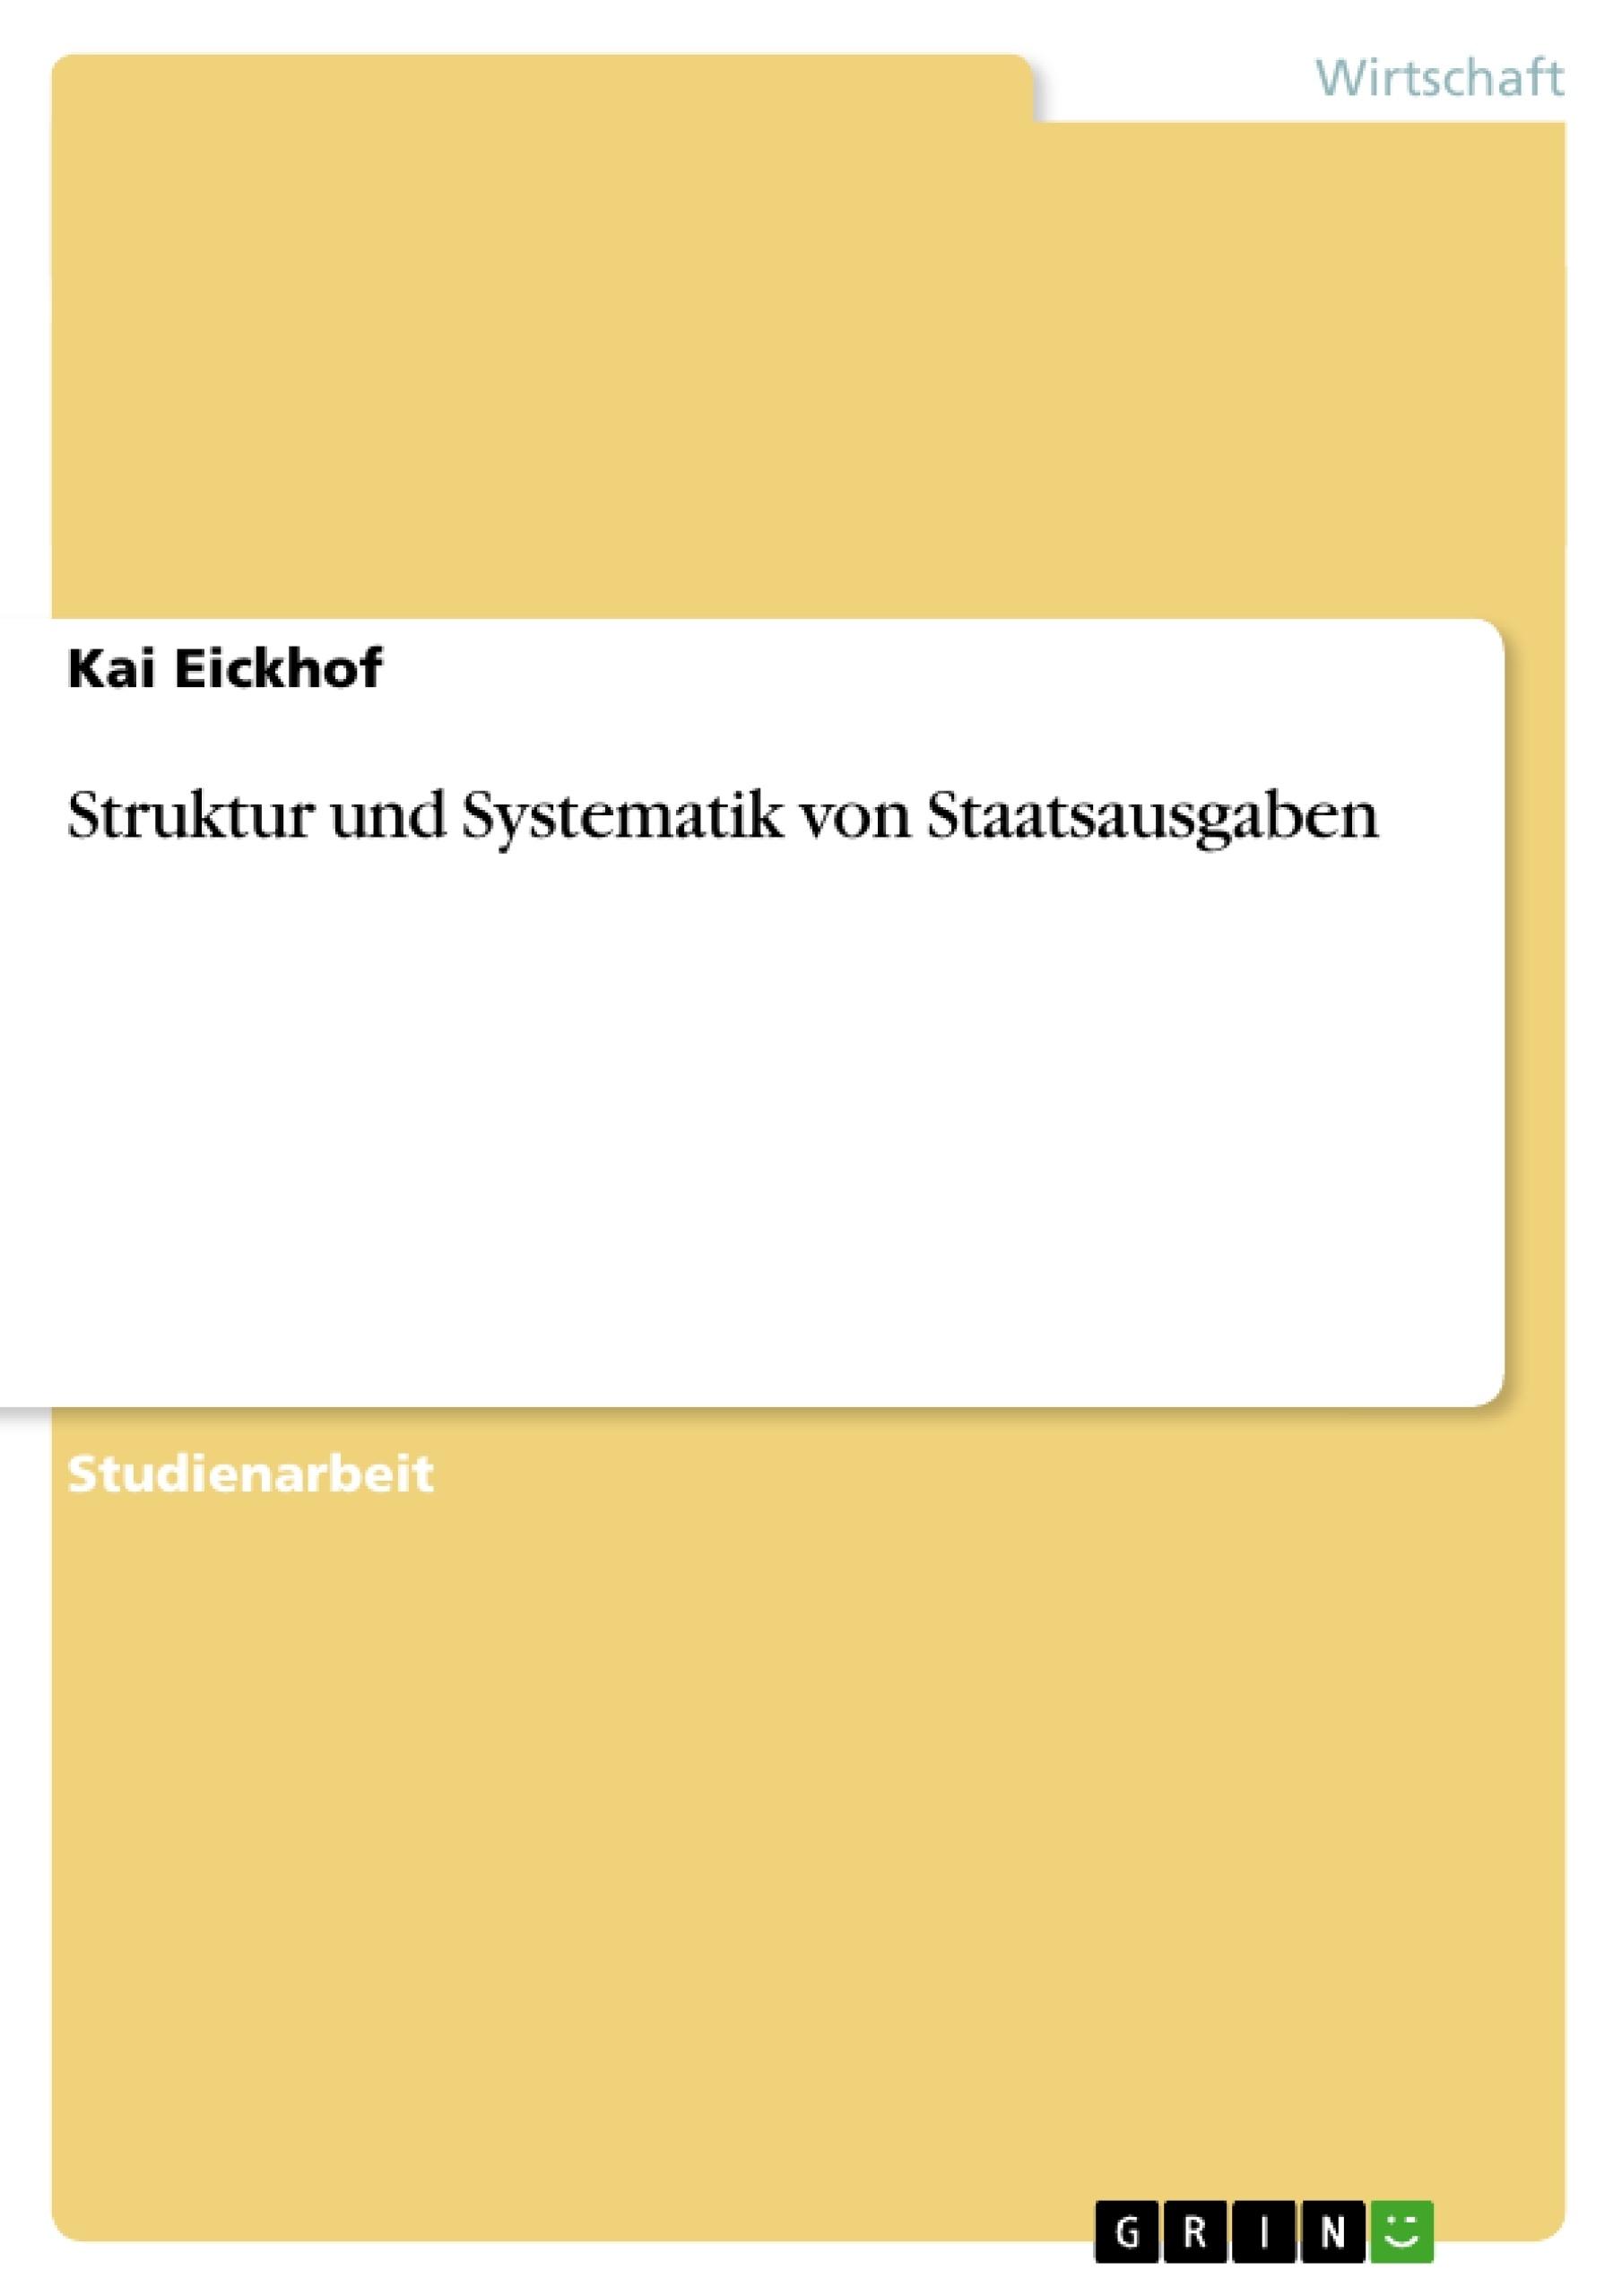 Titel: Struktur und Systematik von Staatsausgaben